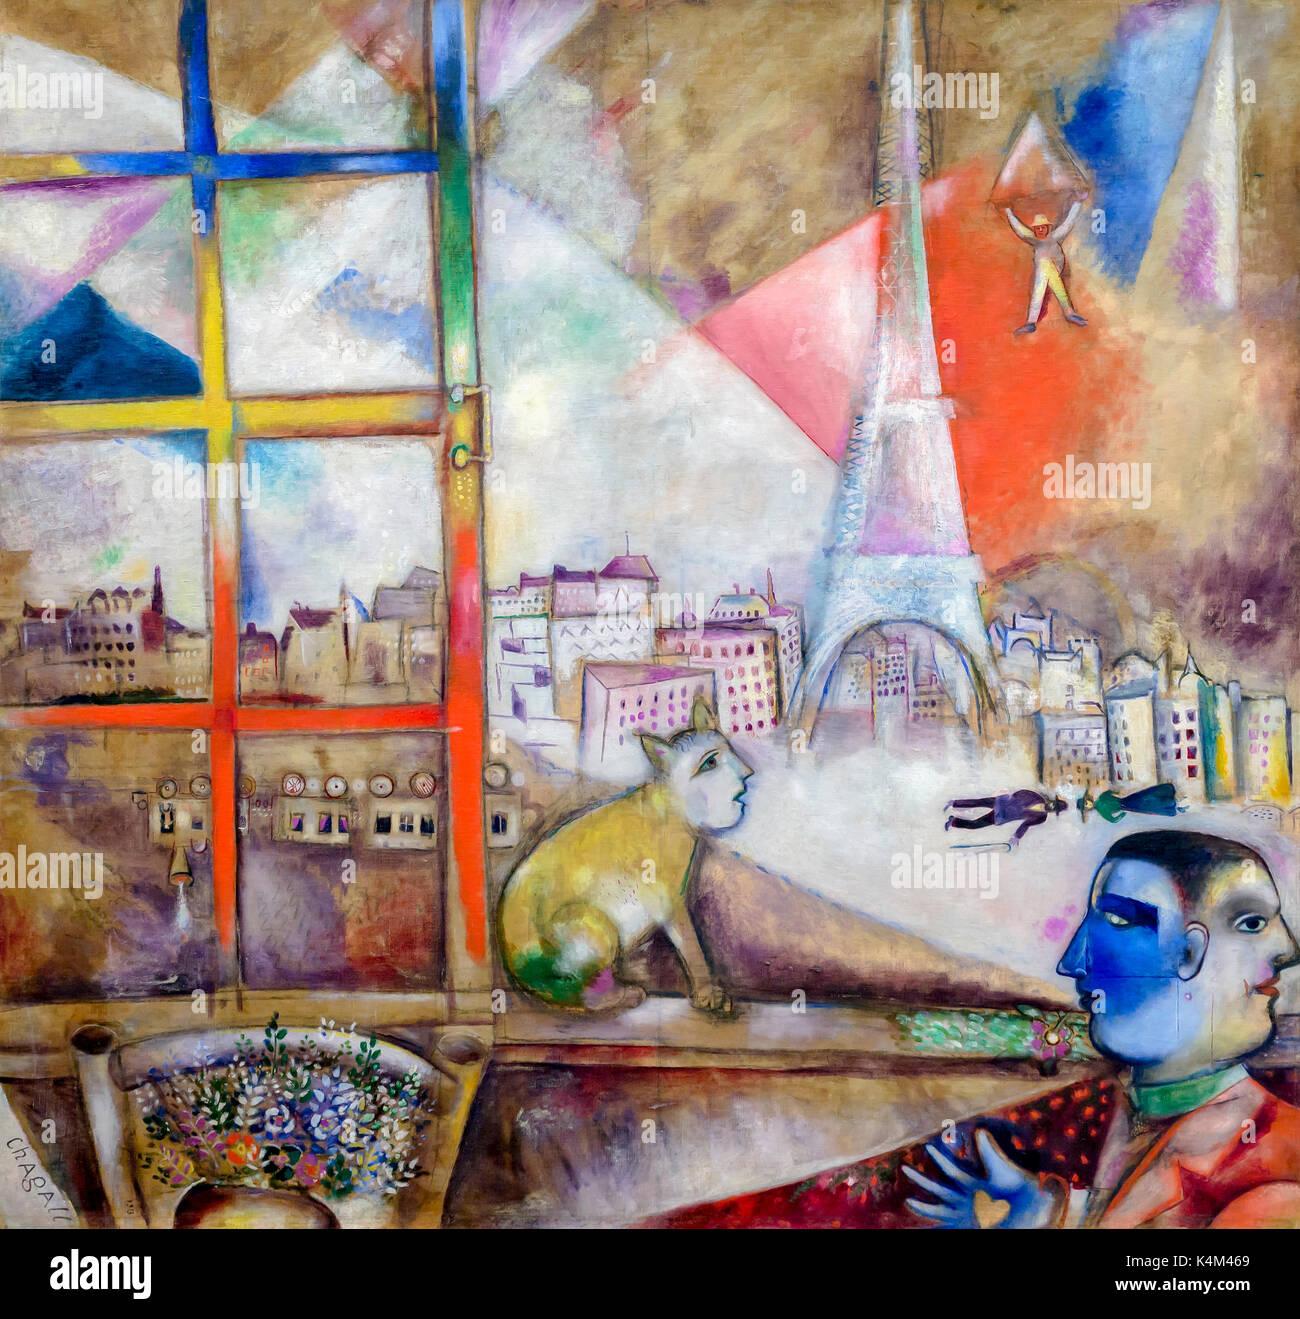 Paris durch das fenster von marc chagall 1913 solomon r guggenheim museum manhattan new - Braunen durch fenster ...